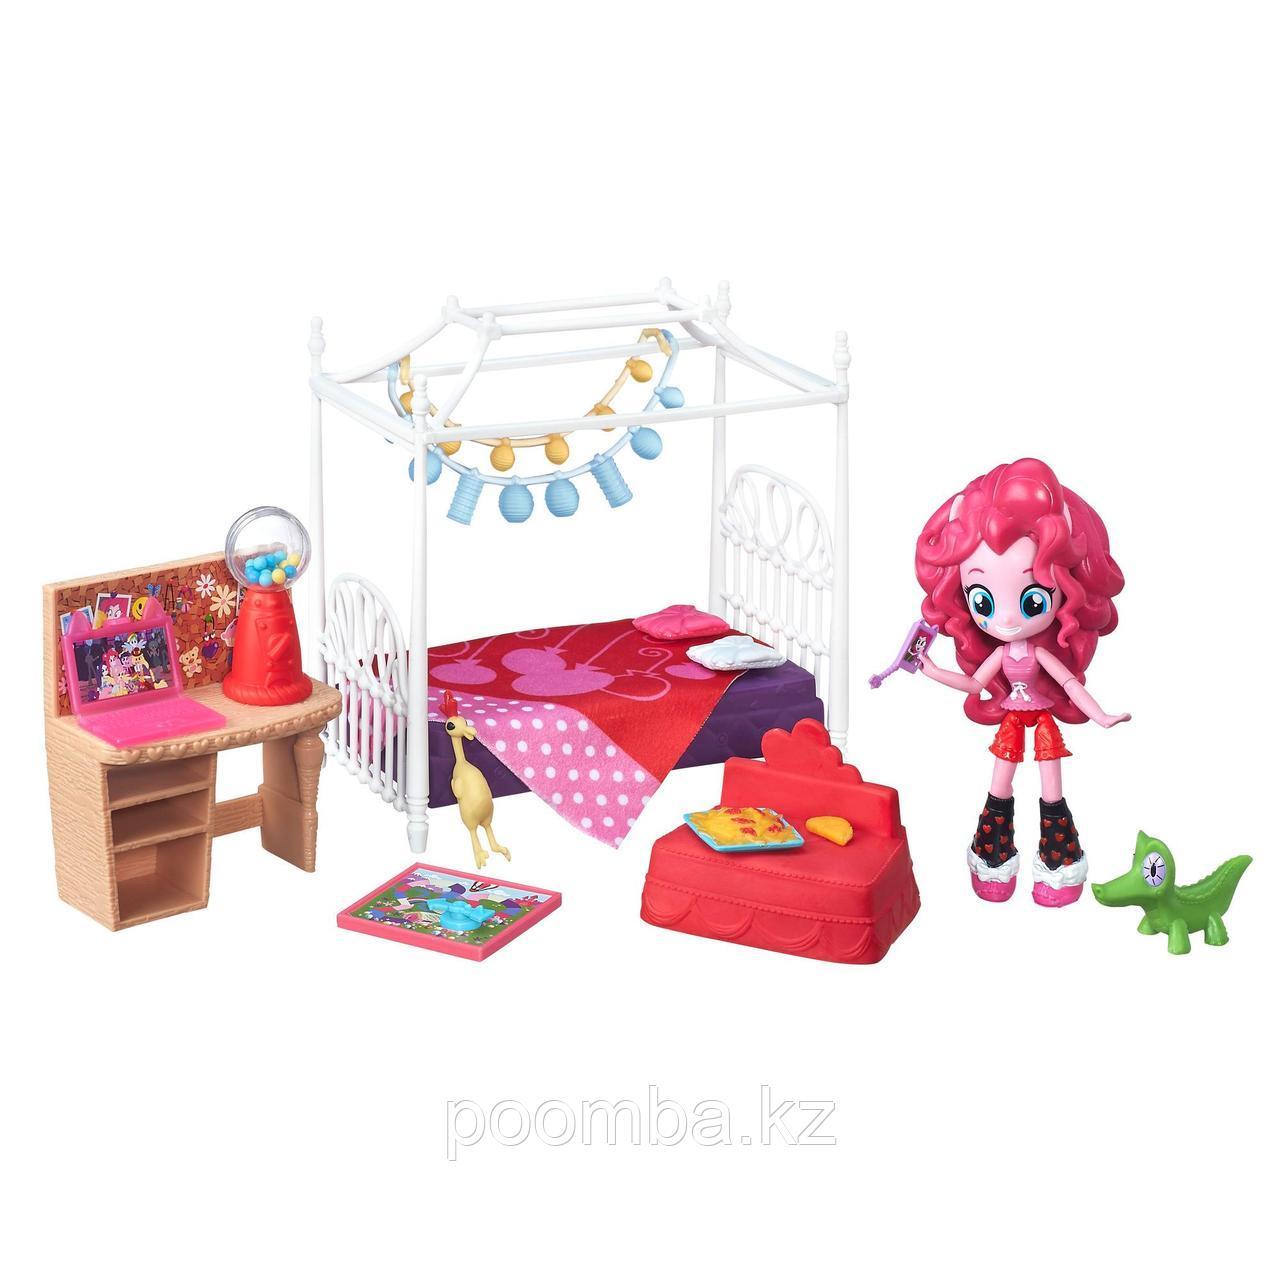 Набор My Little Pony Equestria girls Вечеринка Пинки Пай